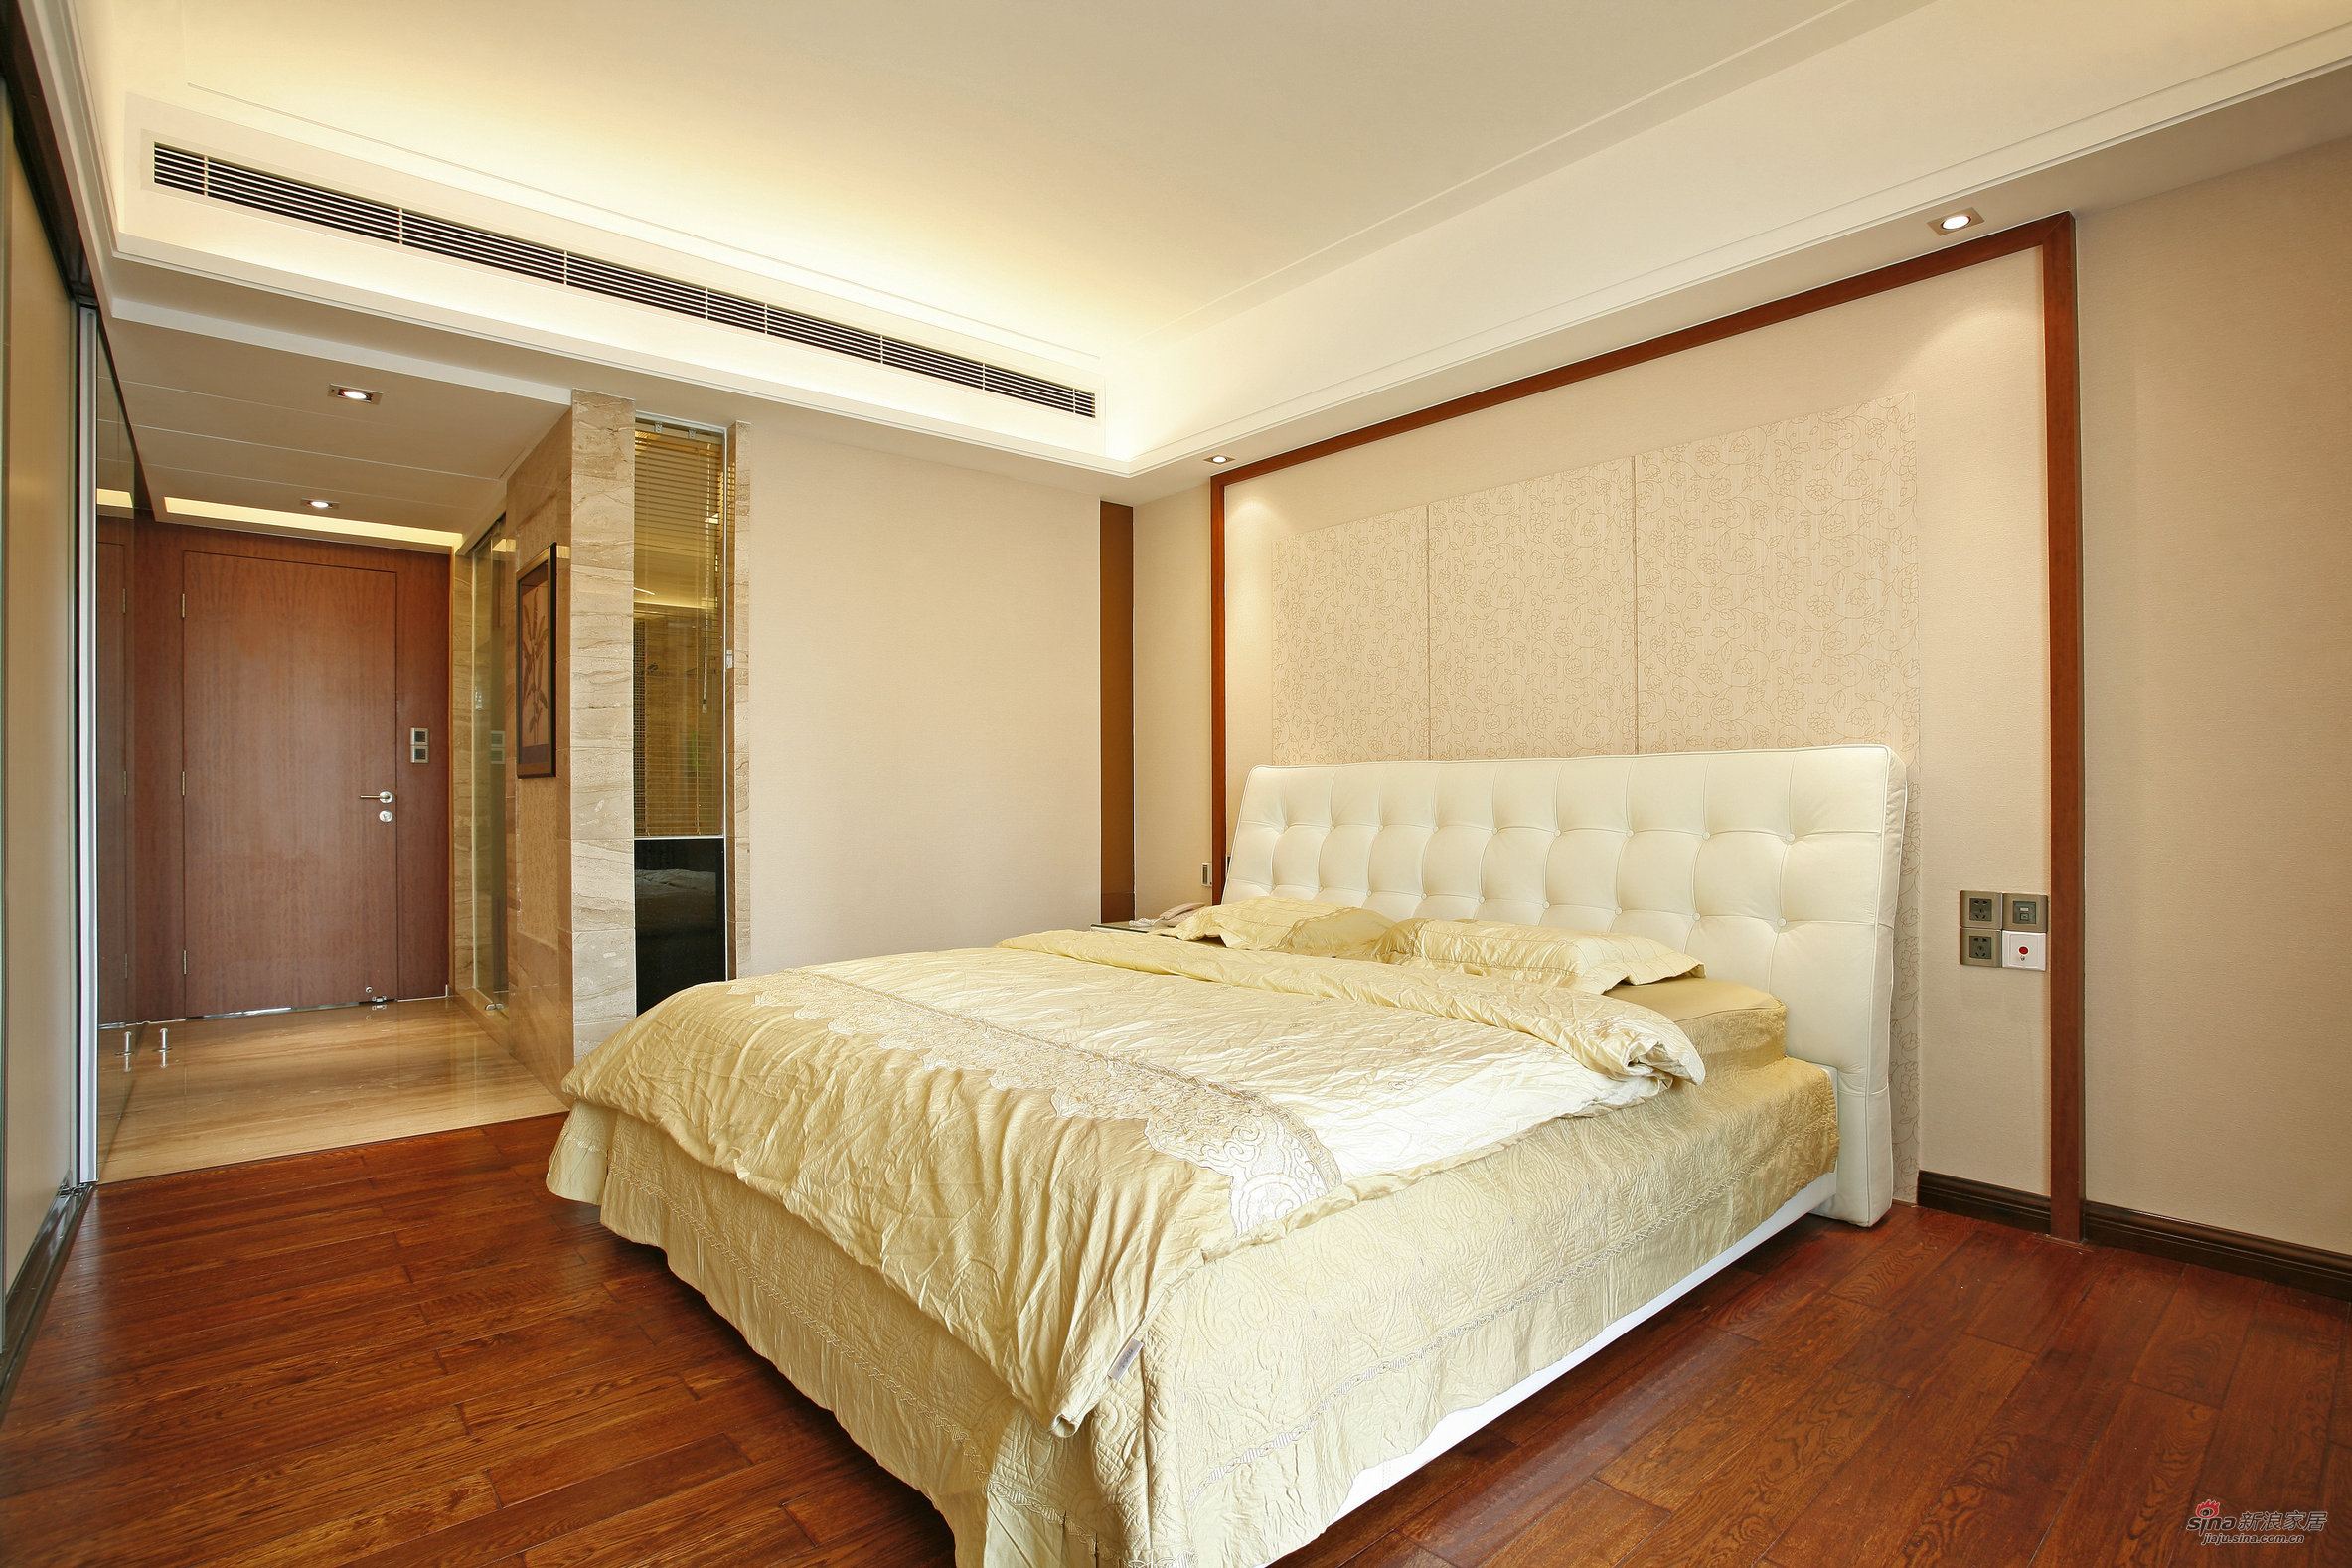 欧式 三居 卧室图片来自用户2557013183在85后情侣用心构筑130平欧式爱家72的分享